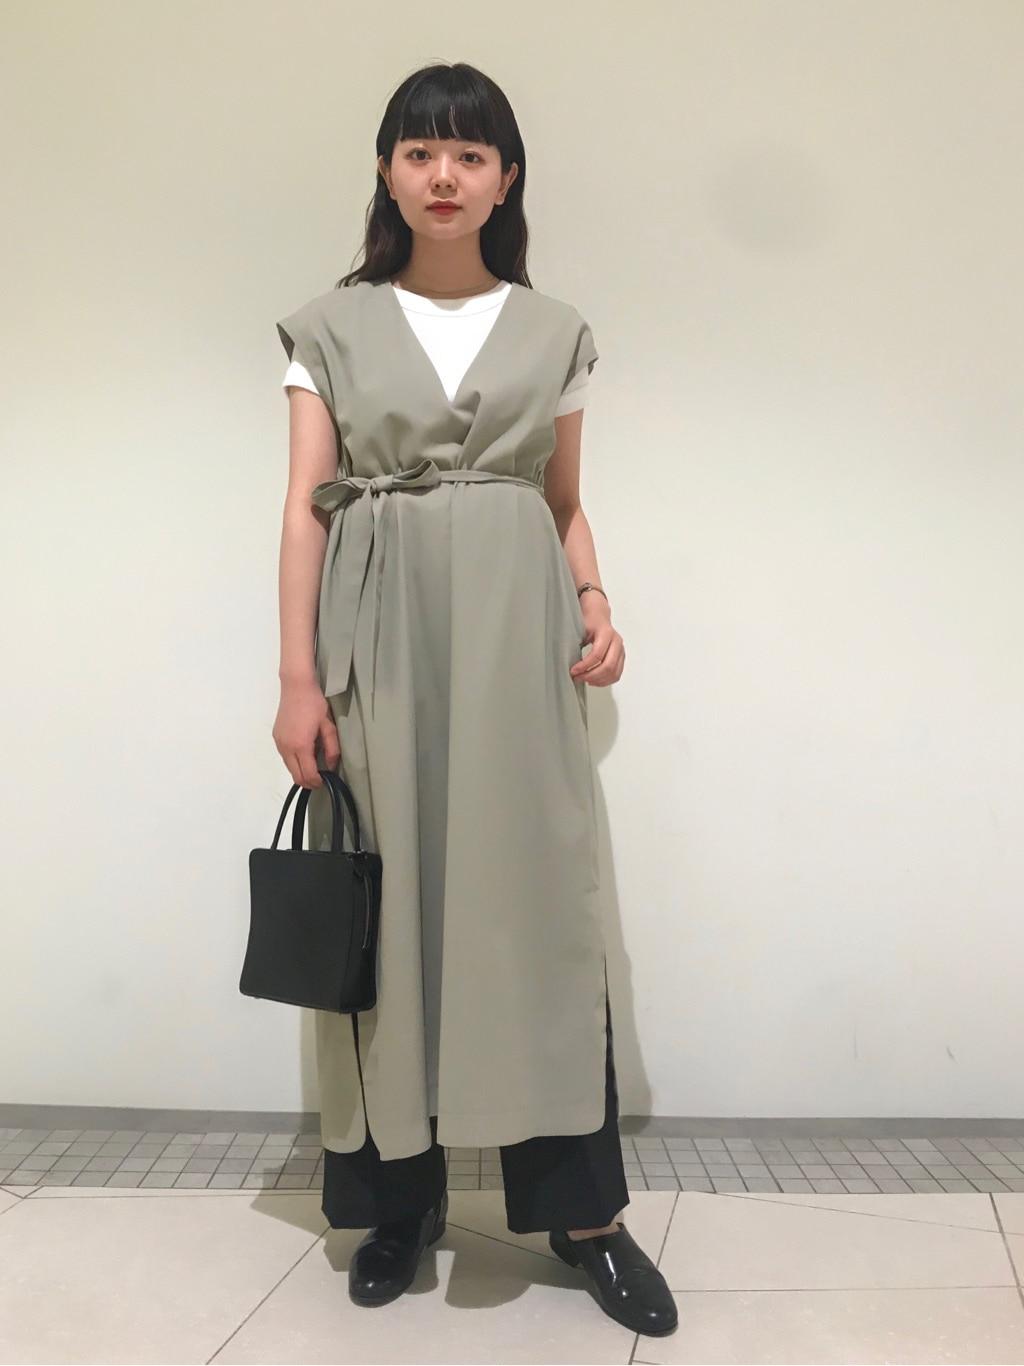 東京スカイツリータウン・ソラマチ 2020.07.21